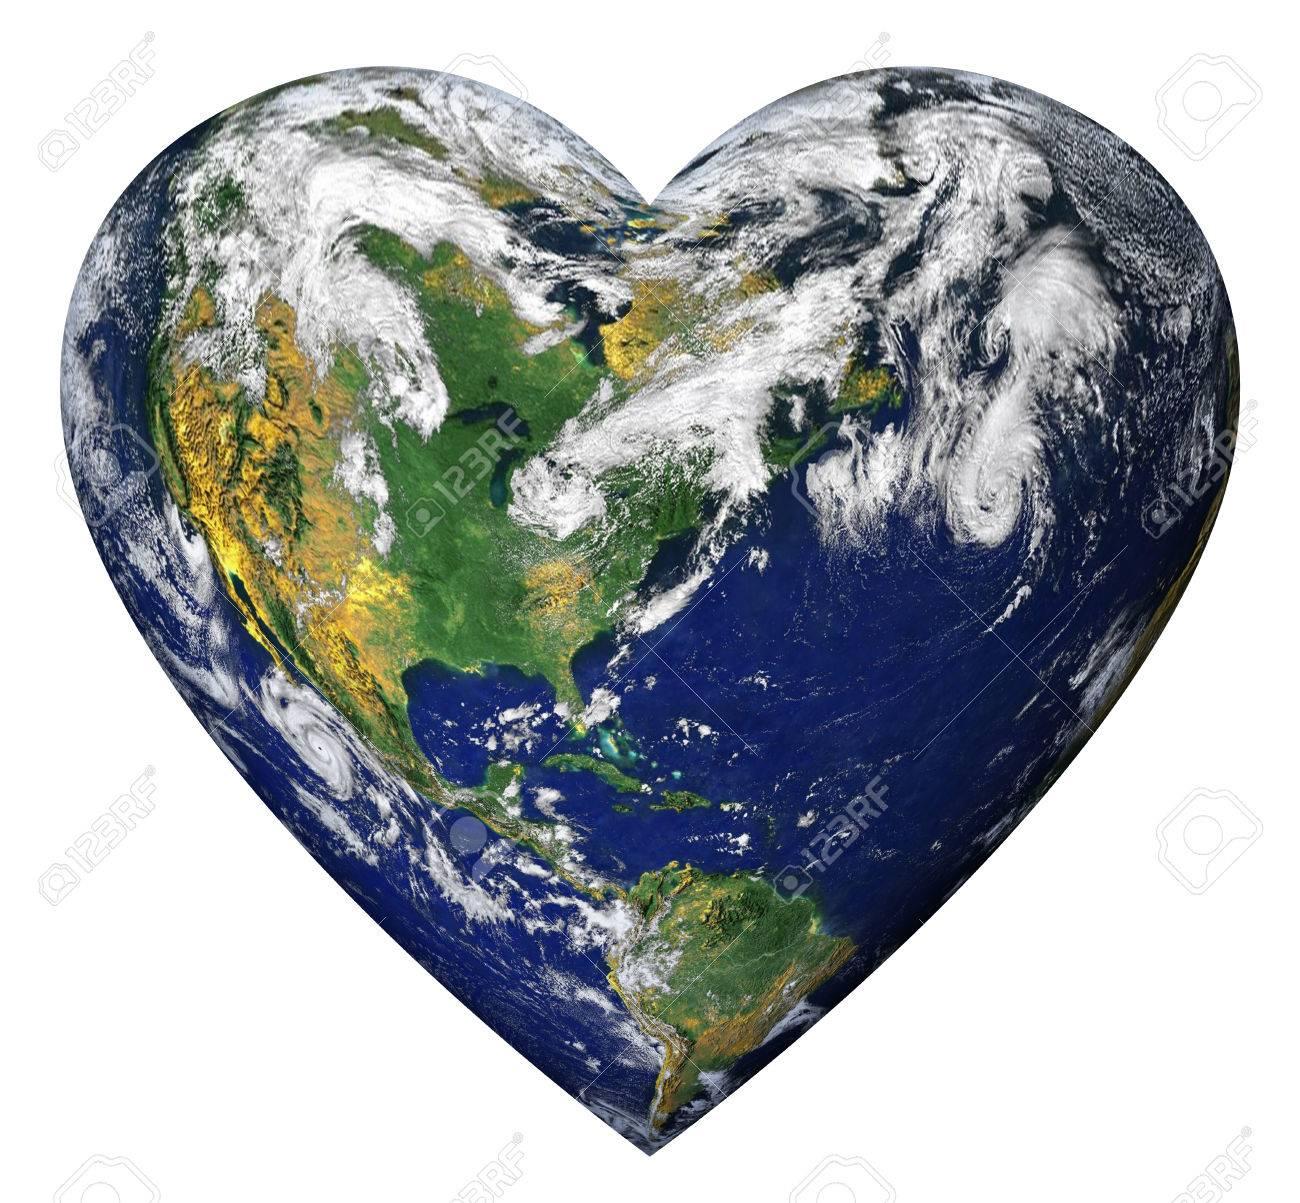 """Résultat de recherche d'images pour """"planete coeur"""""""